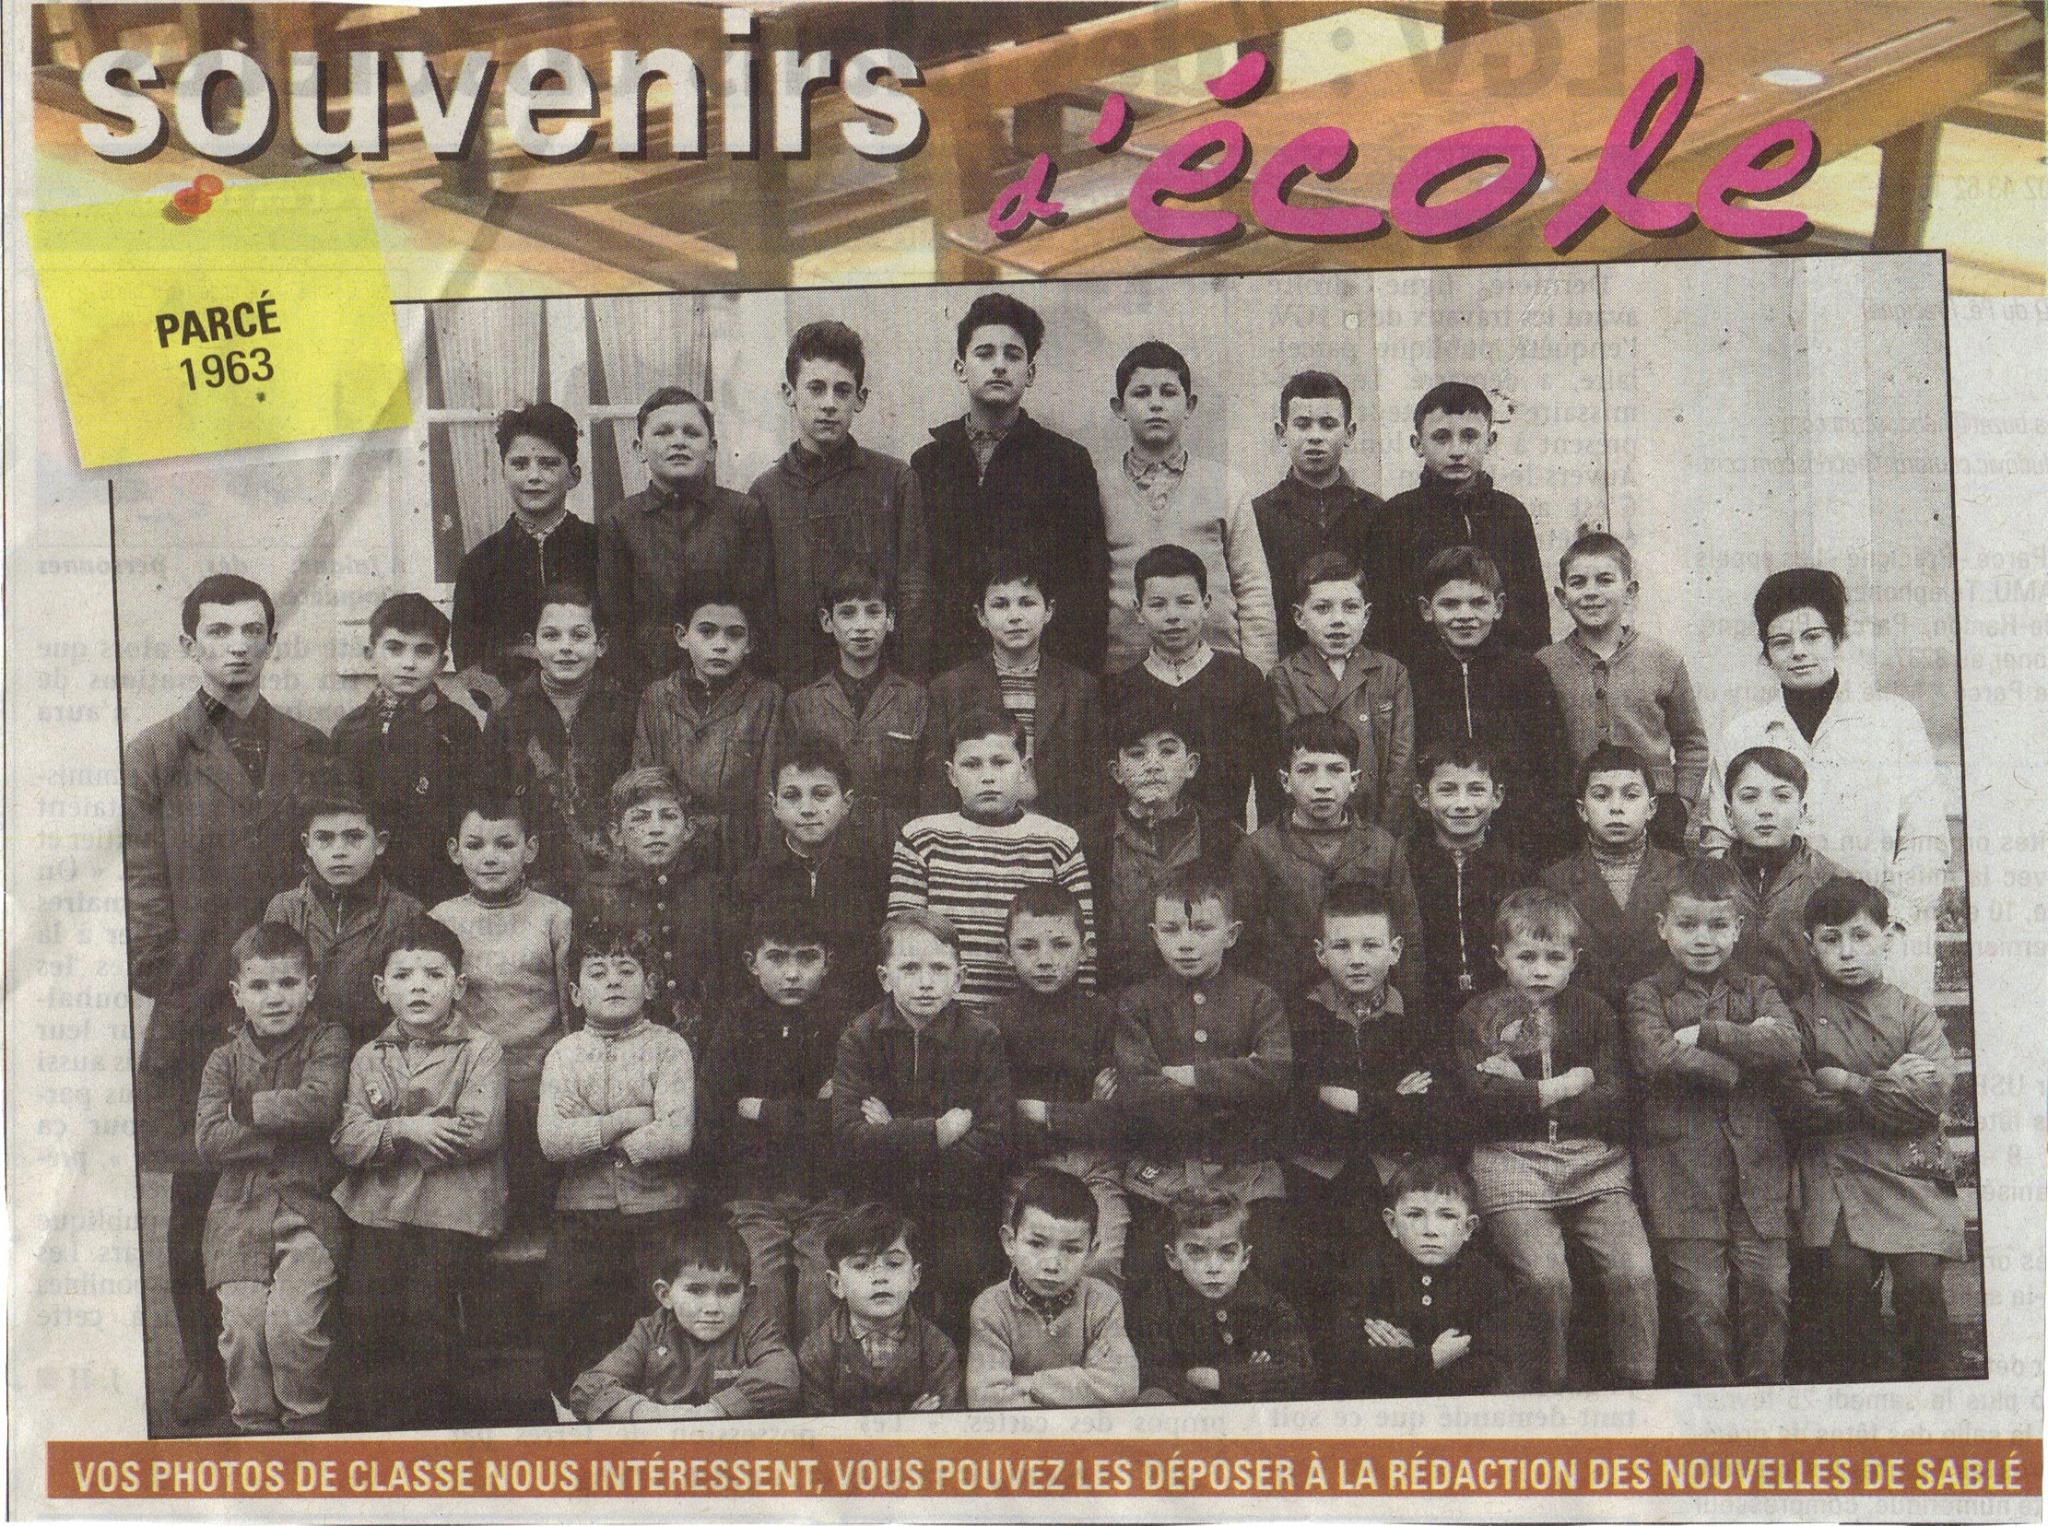 Parcé sur Sarthe - Groupes - Photos de classe - 1963